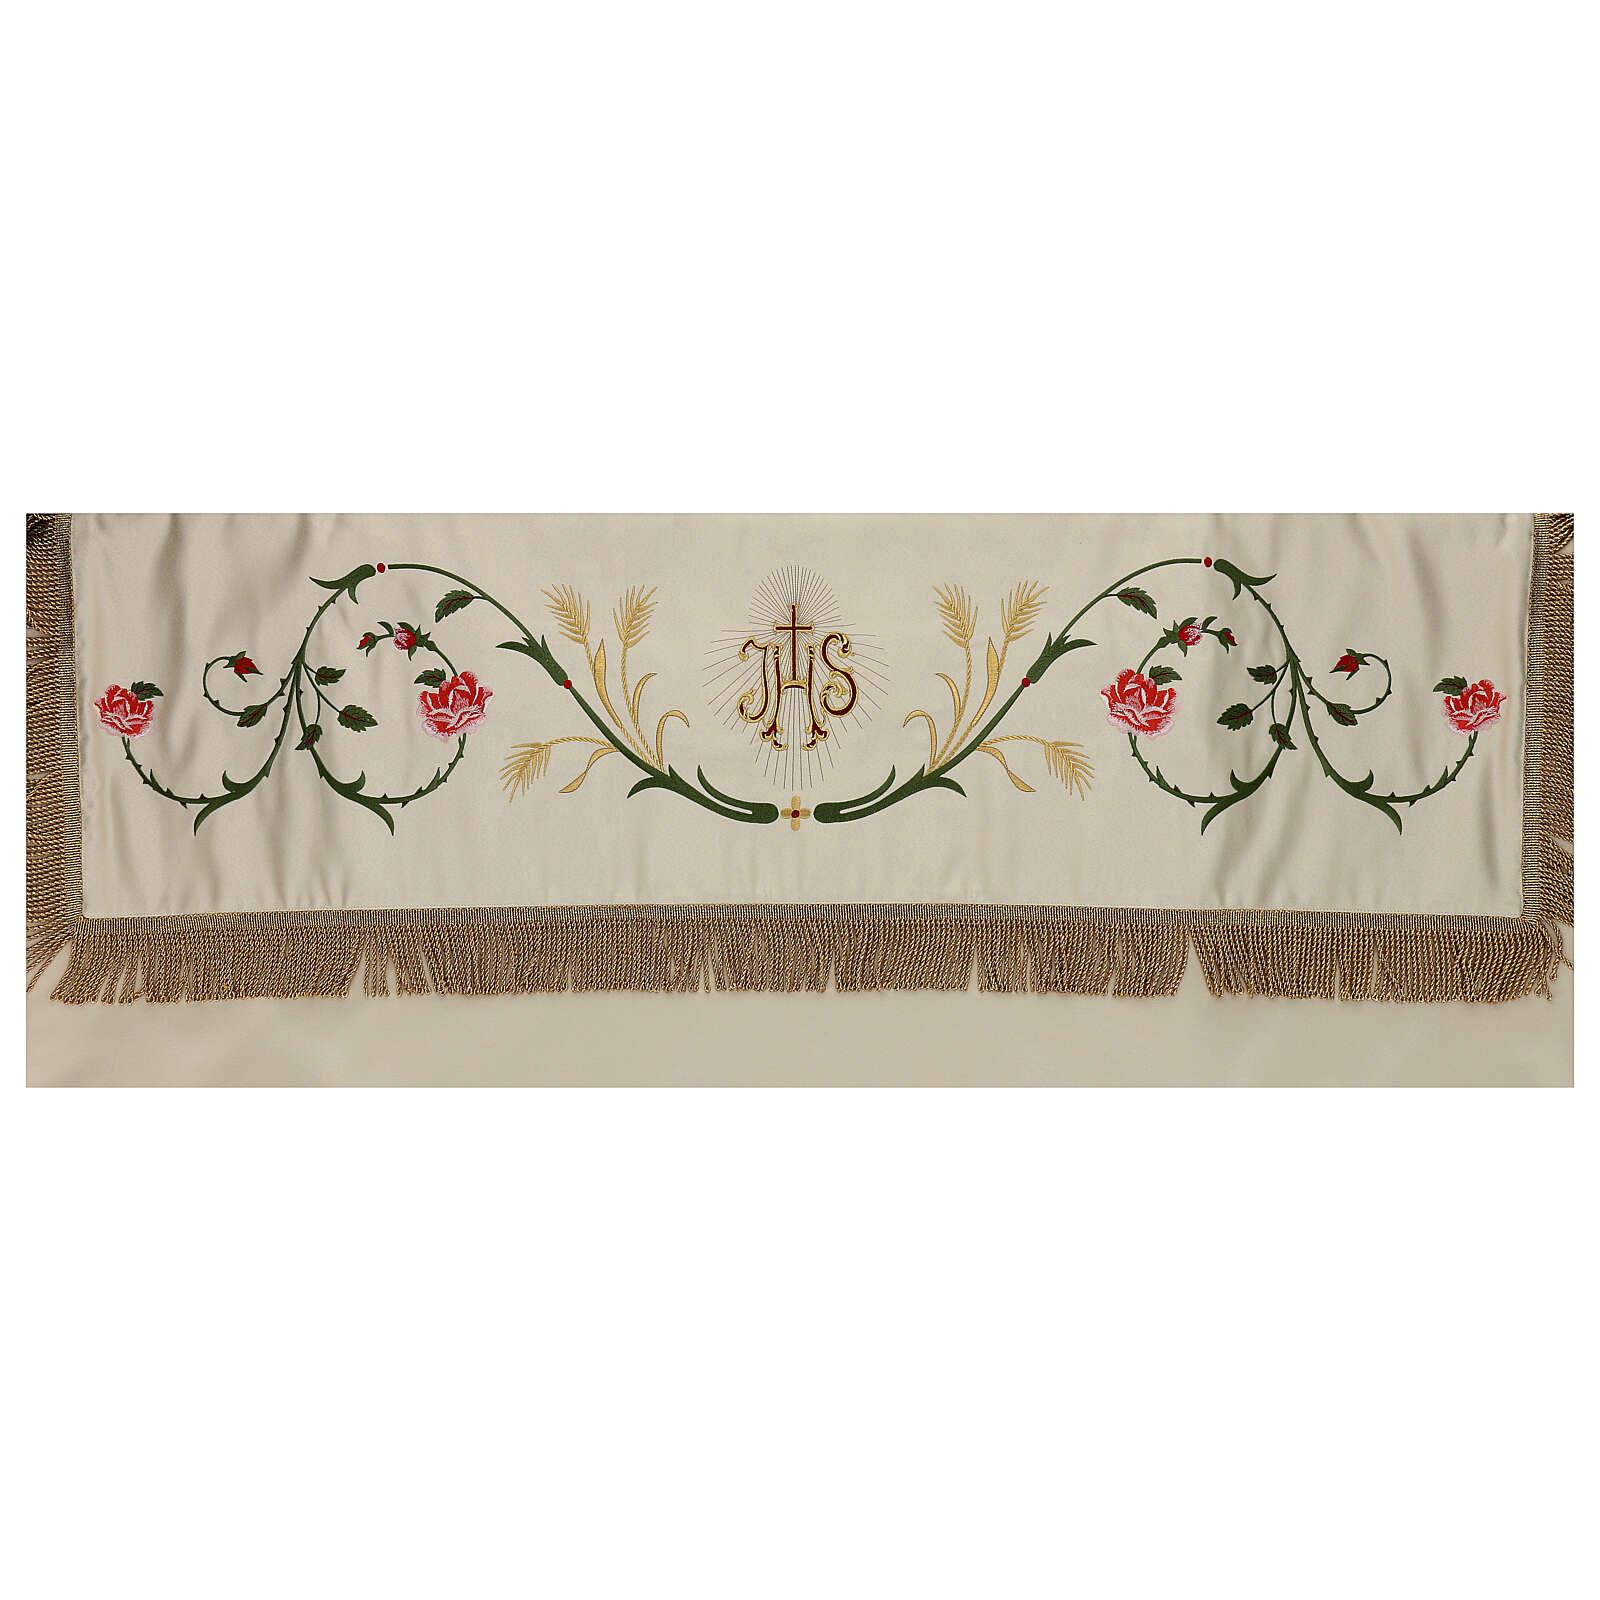 Baldacchino processionale 130x160 IHS fiori e spighe 3